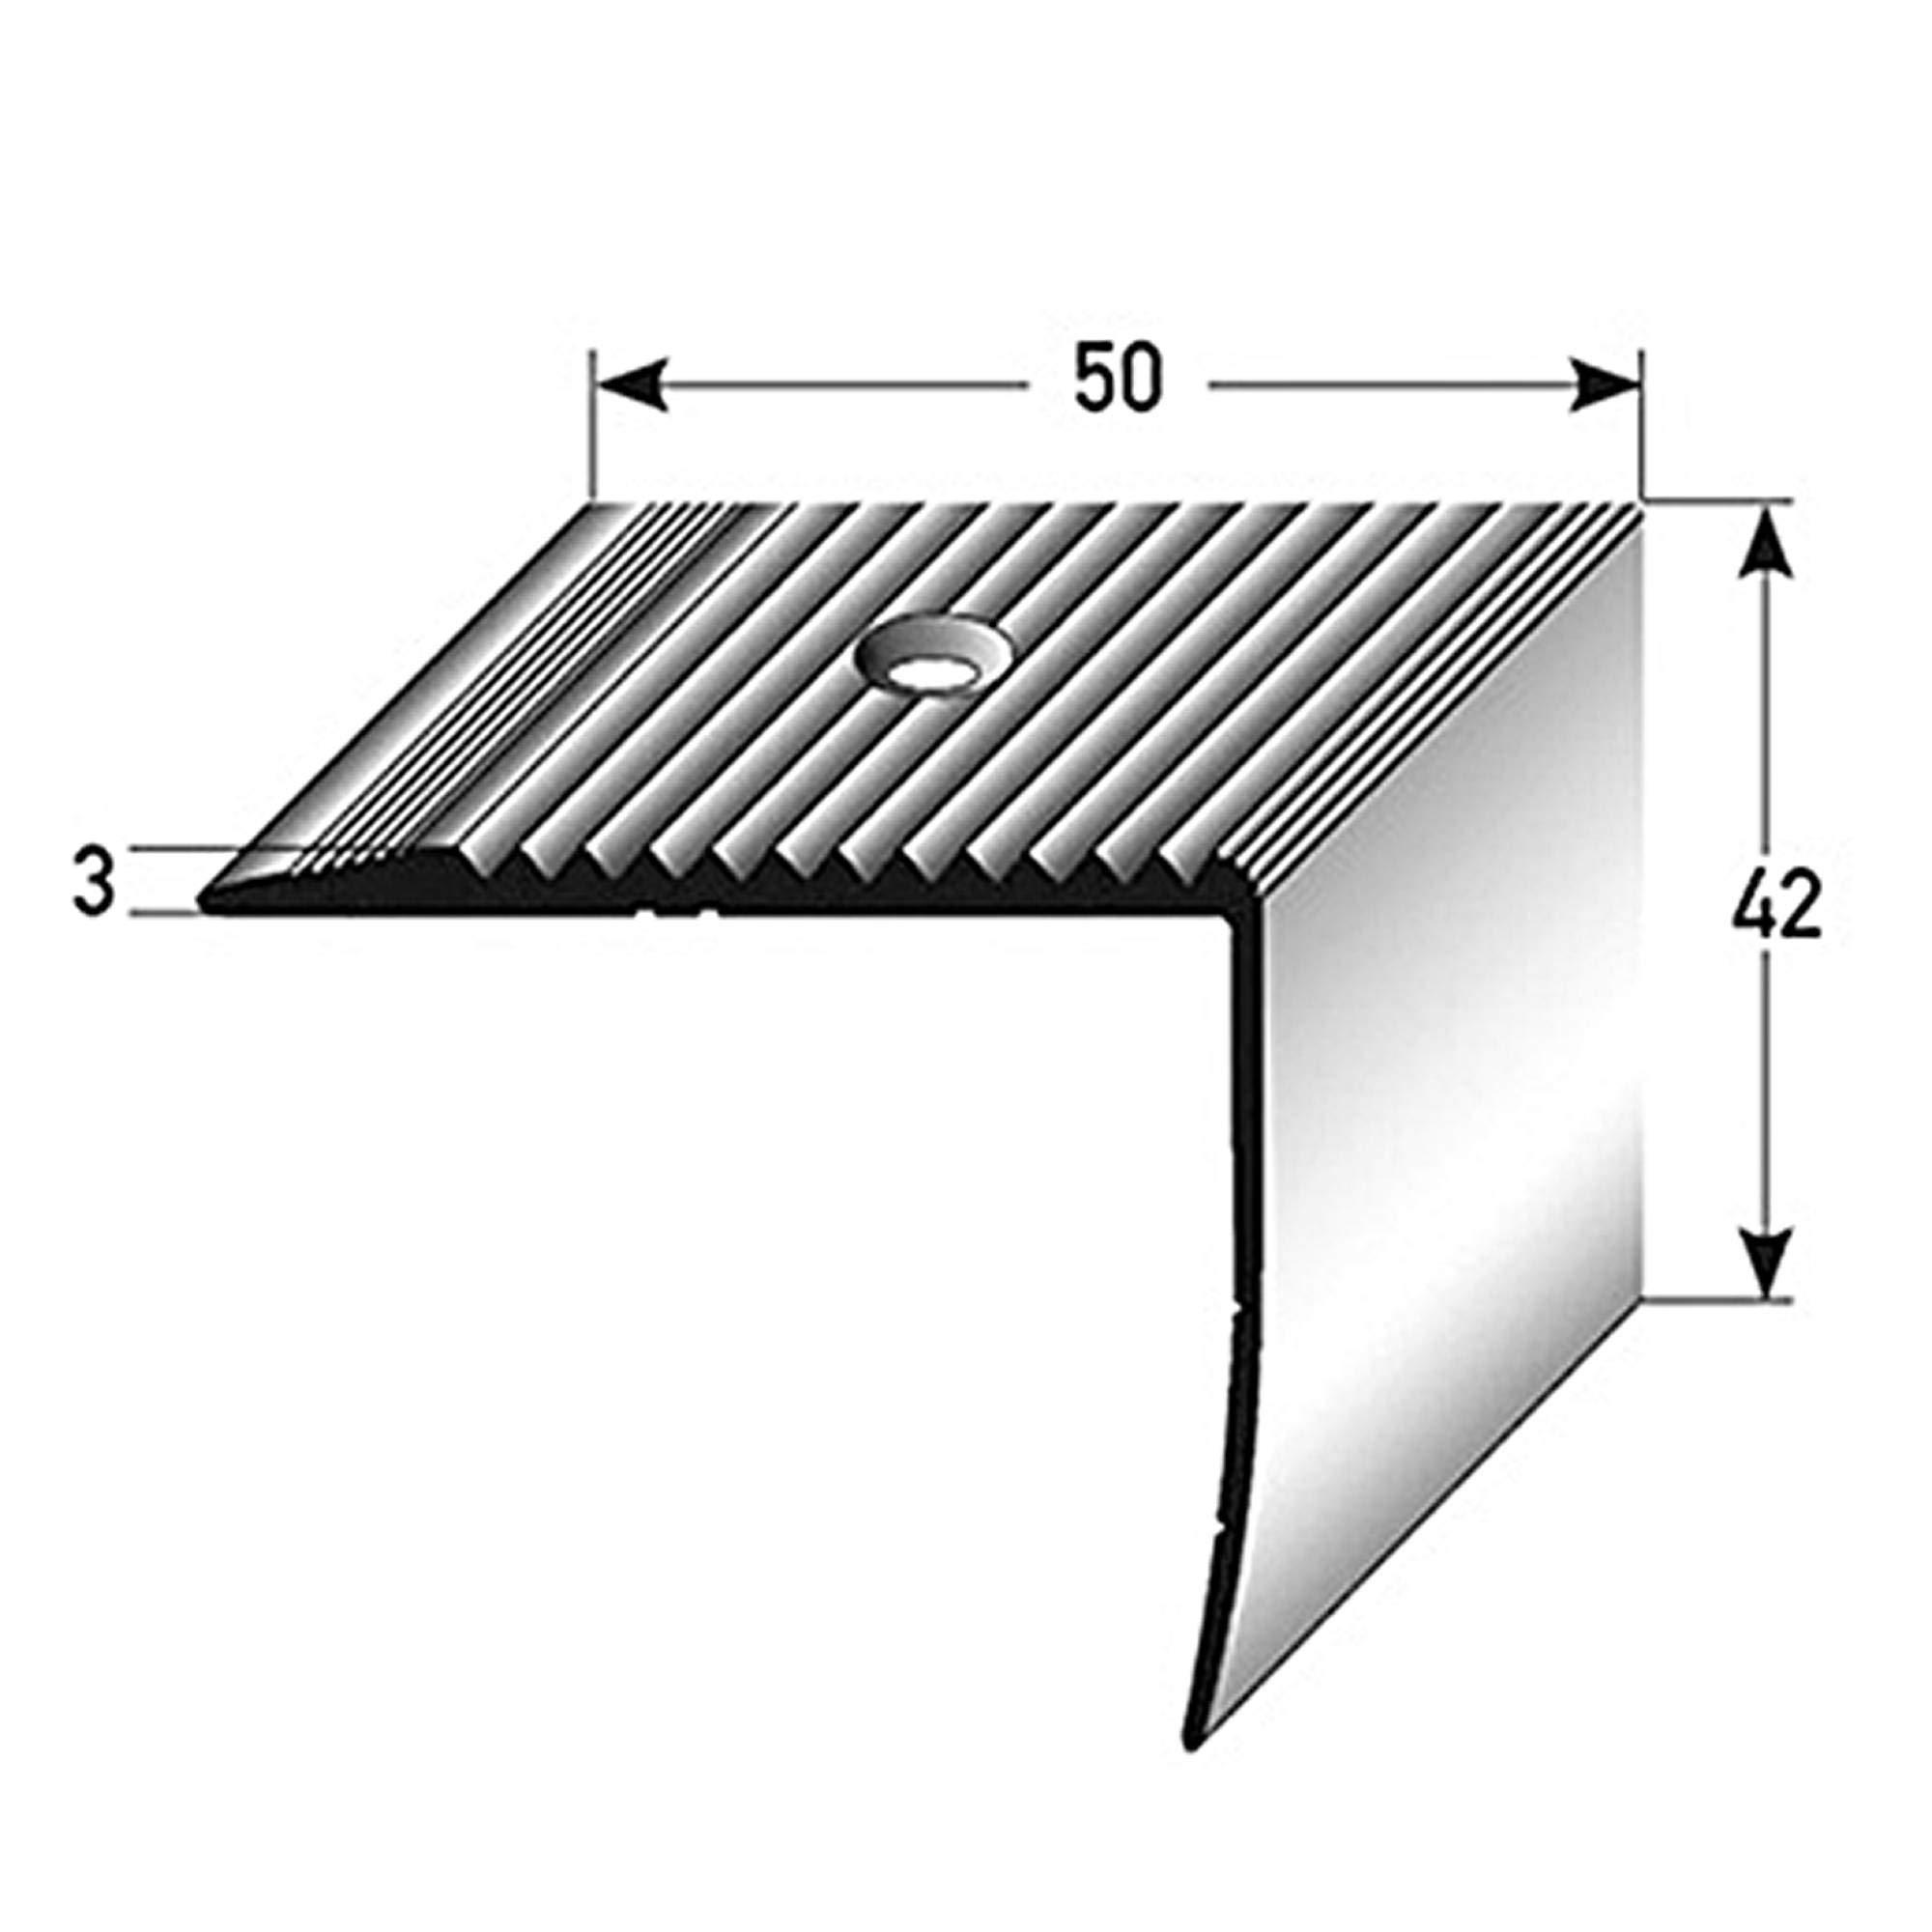 acerto 32552 Perfil angular de escalera de aluminio - 135cm 42x50mm bronce oscuro * Antideslizante * Robusto * Fácil instalación | Perfil de peldaño perfil de peldaño de escalera de aluminio: Amazon.es: Bricolaje y herramientas